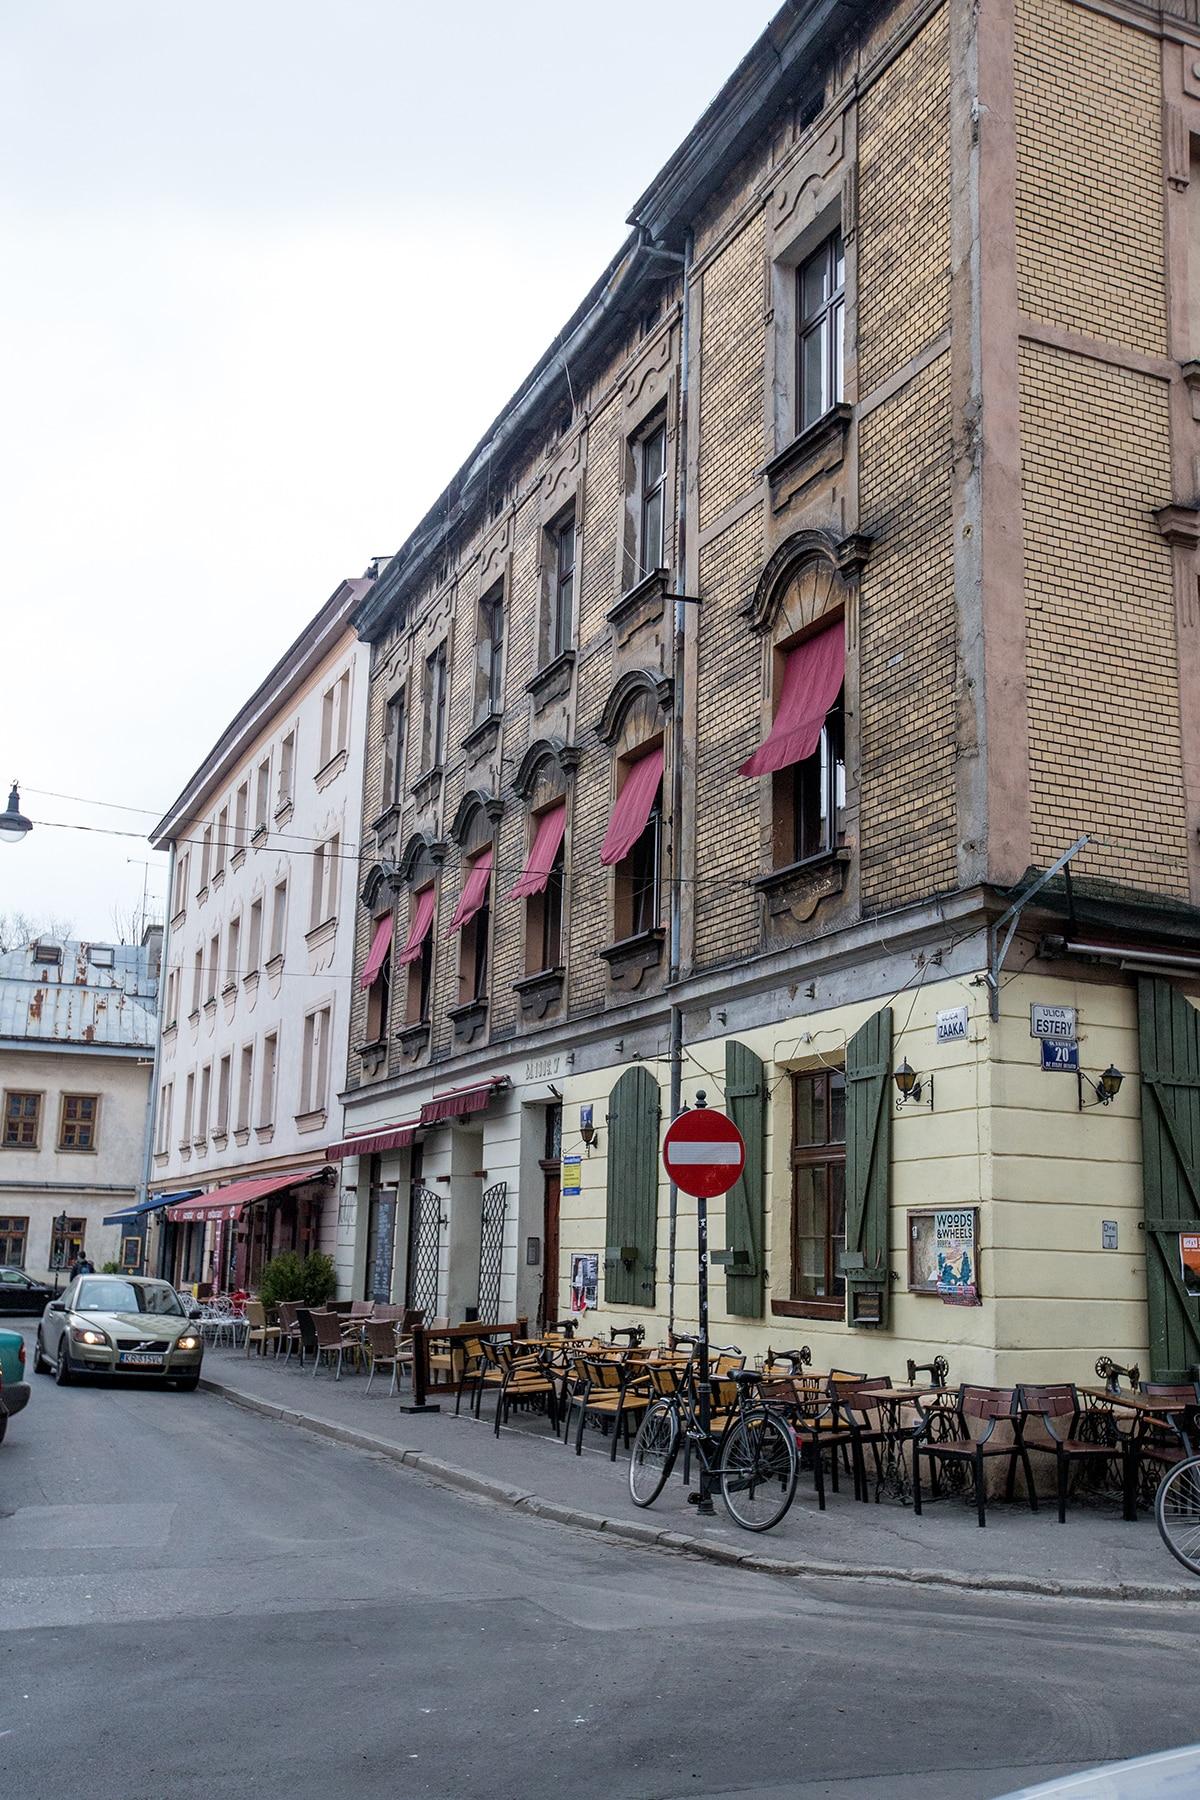 Singer Cafe, Krakow